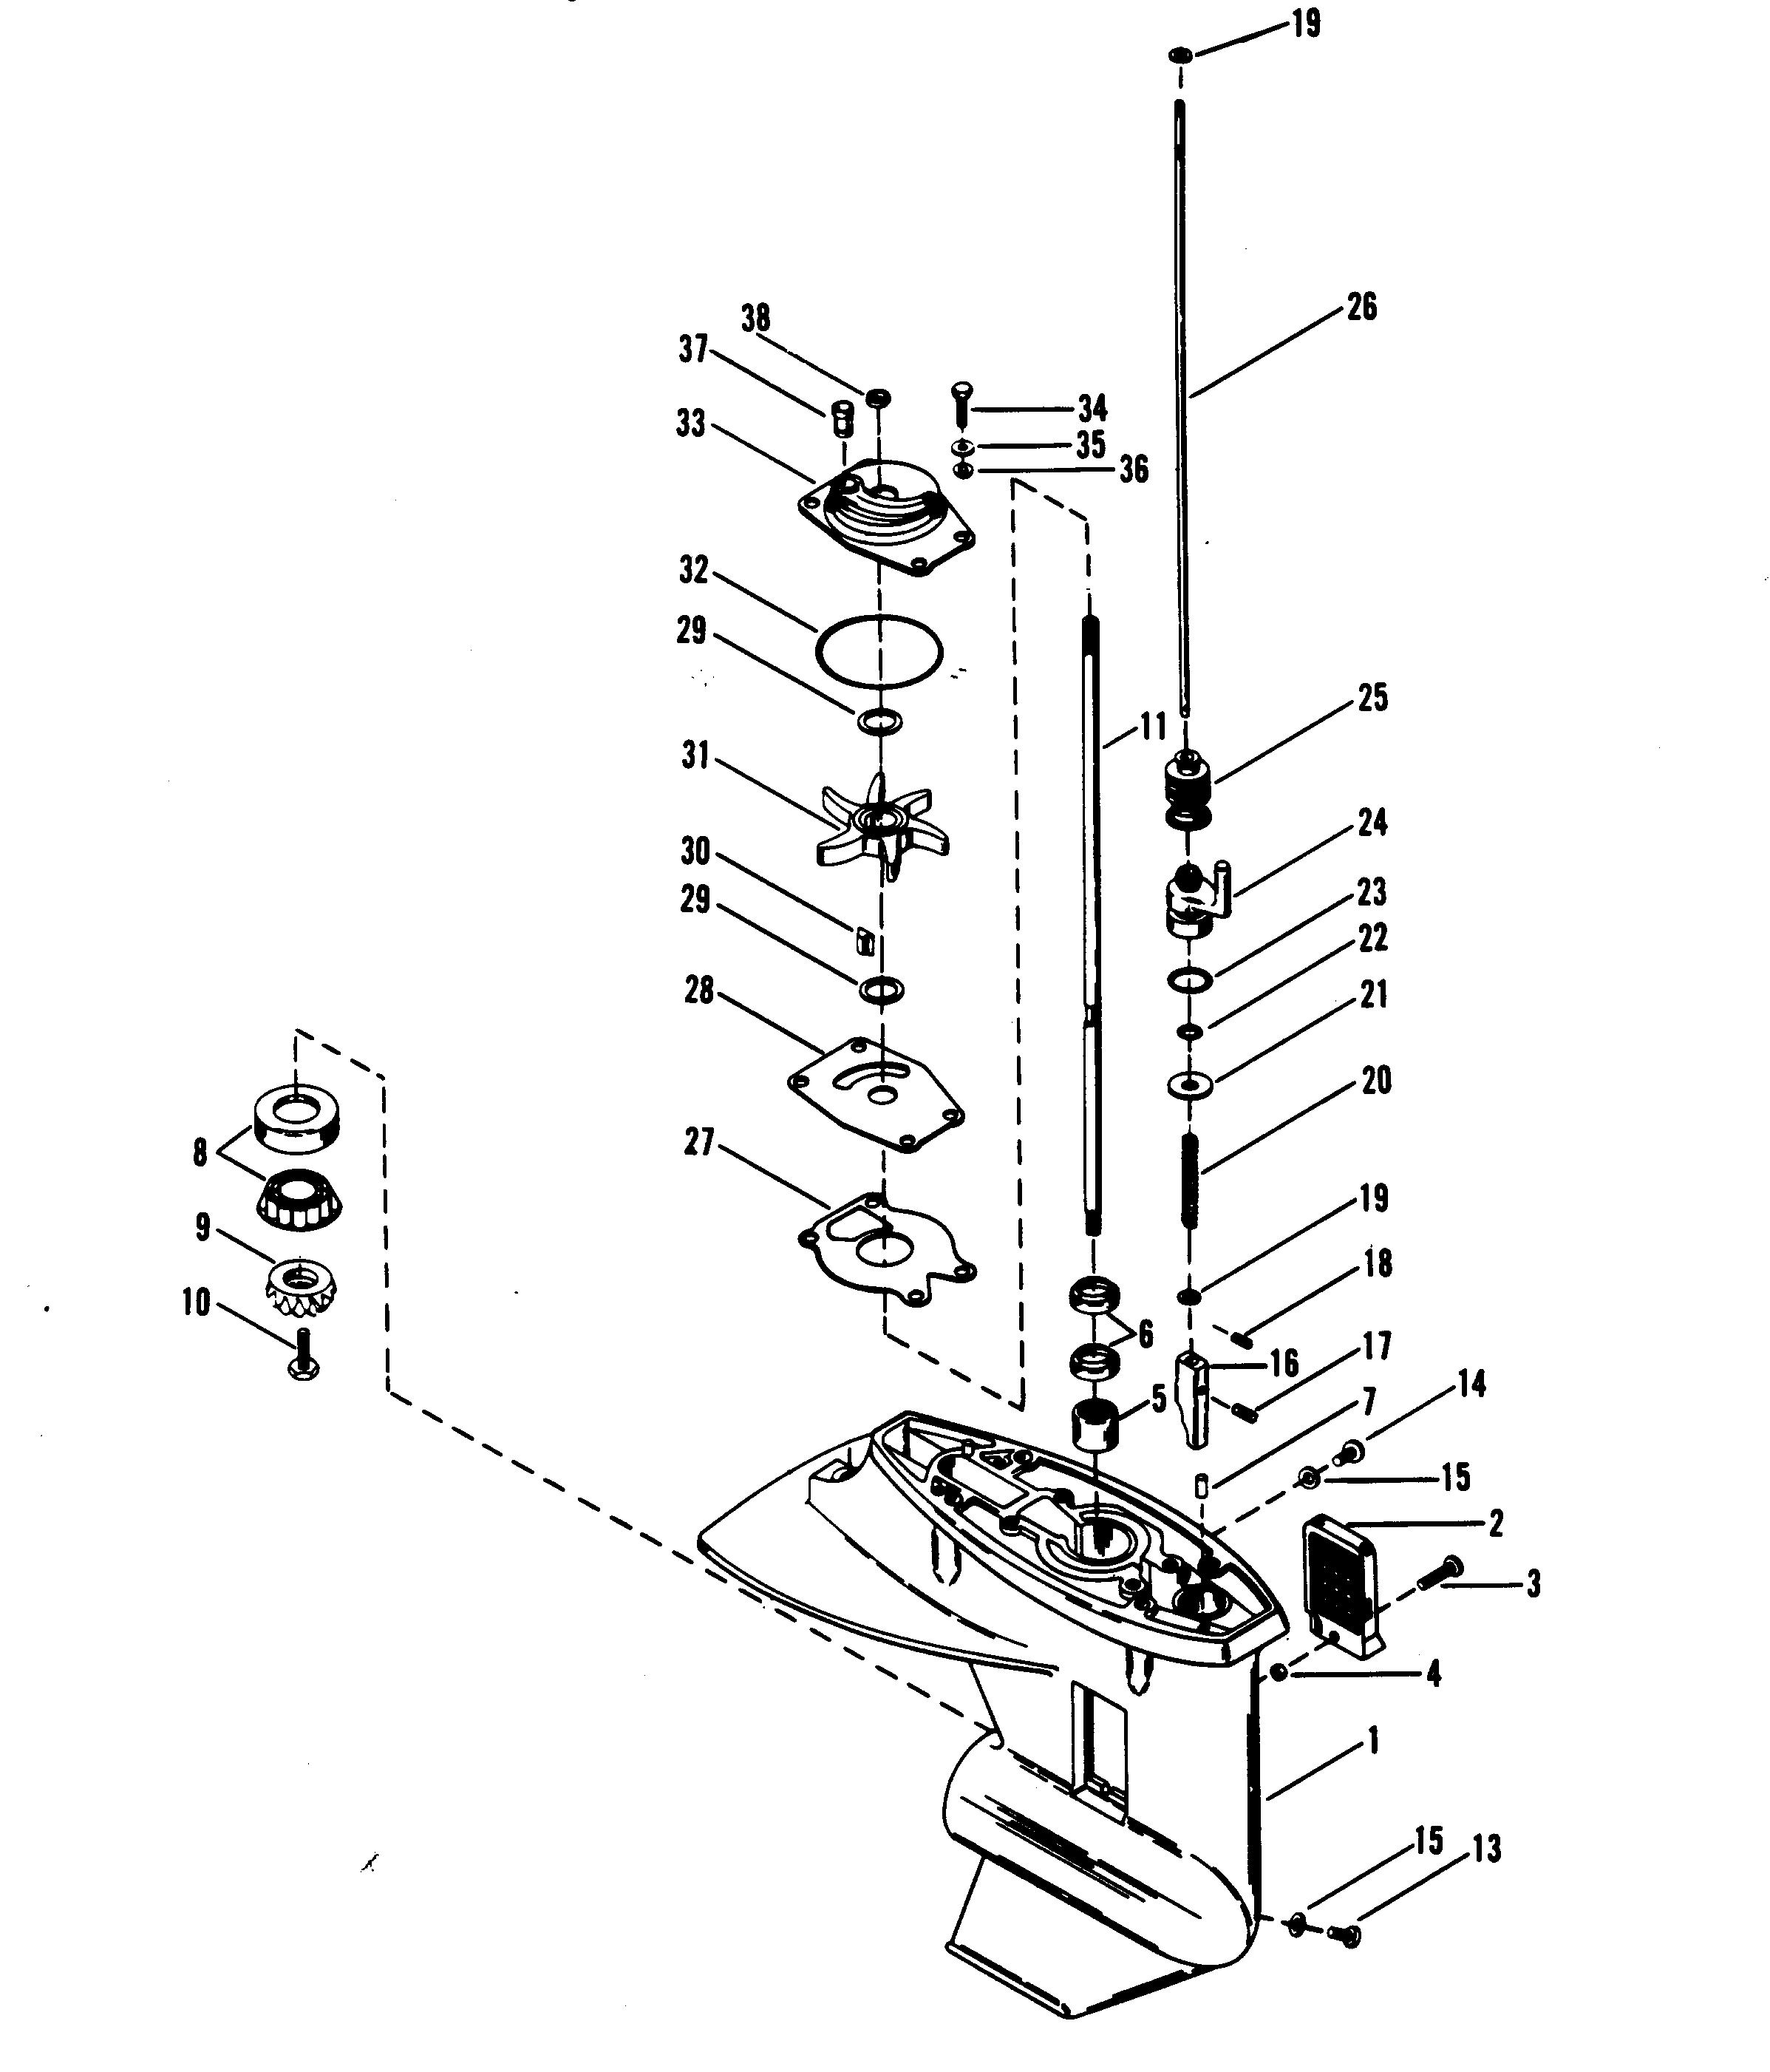 mariner 40 hp outboard schematics